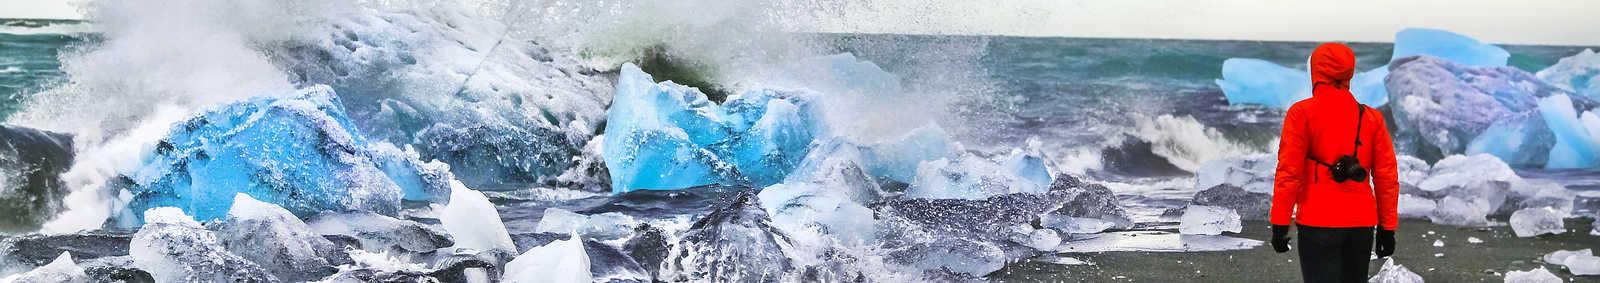 Lady on Ice, Iceland